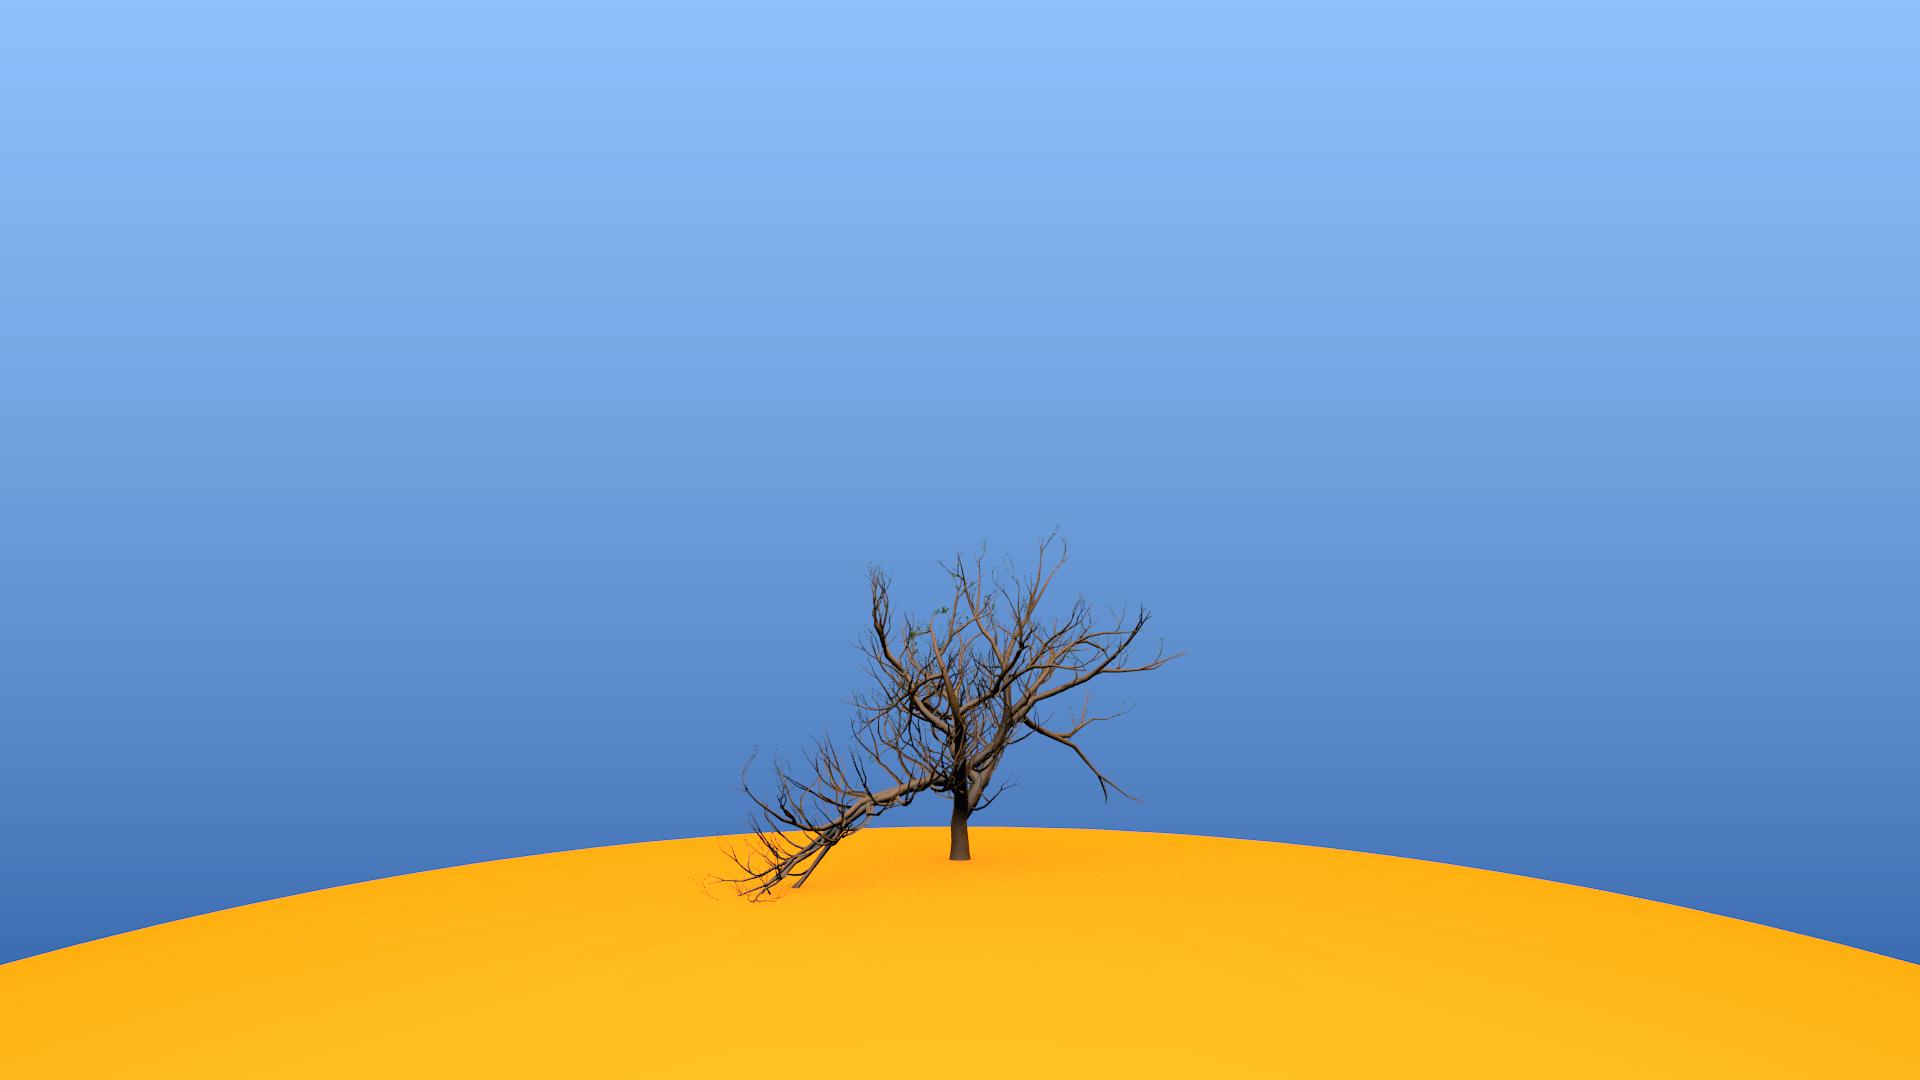 Tree by Pitel